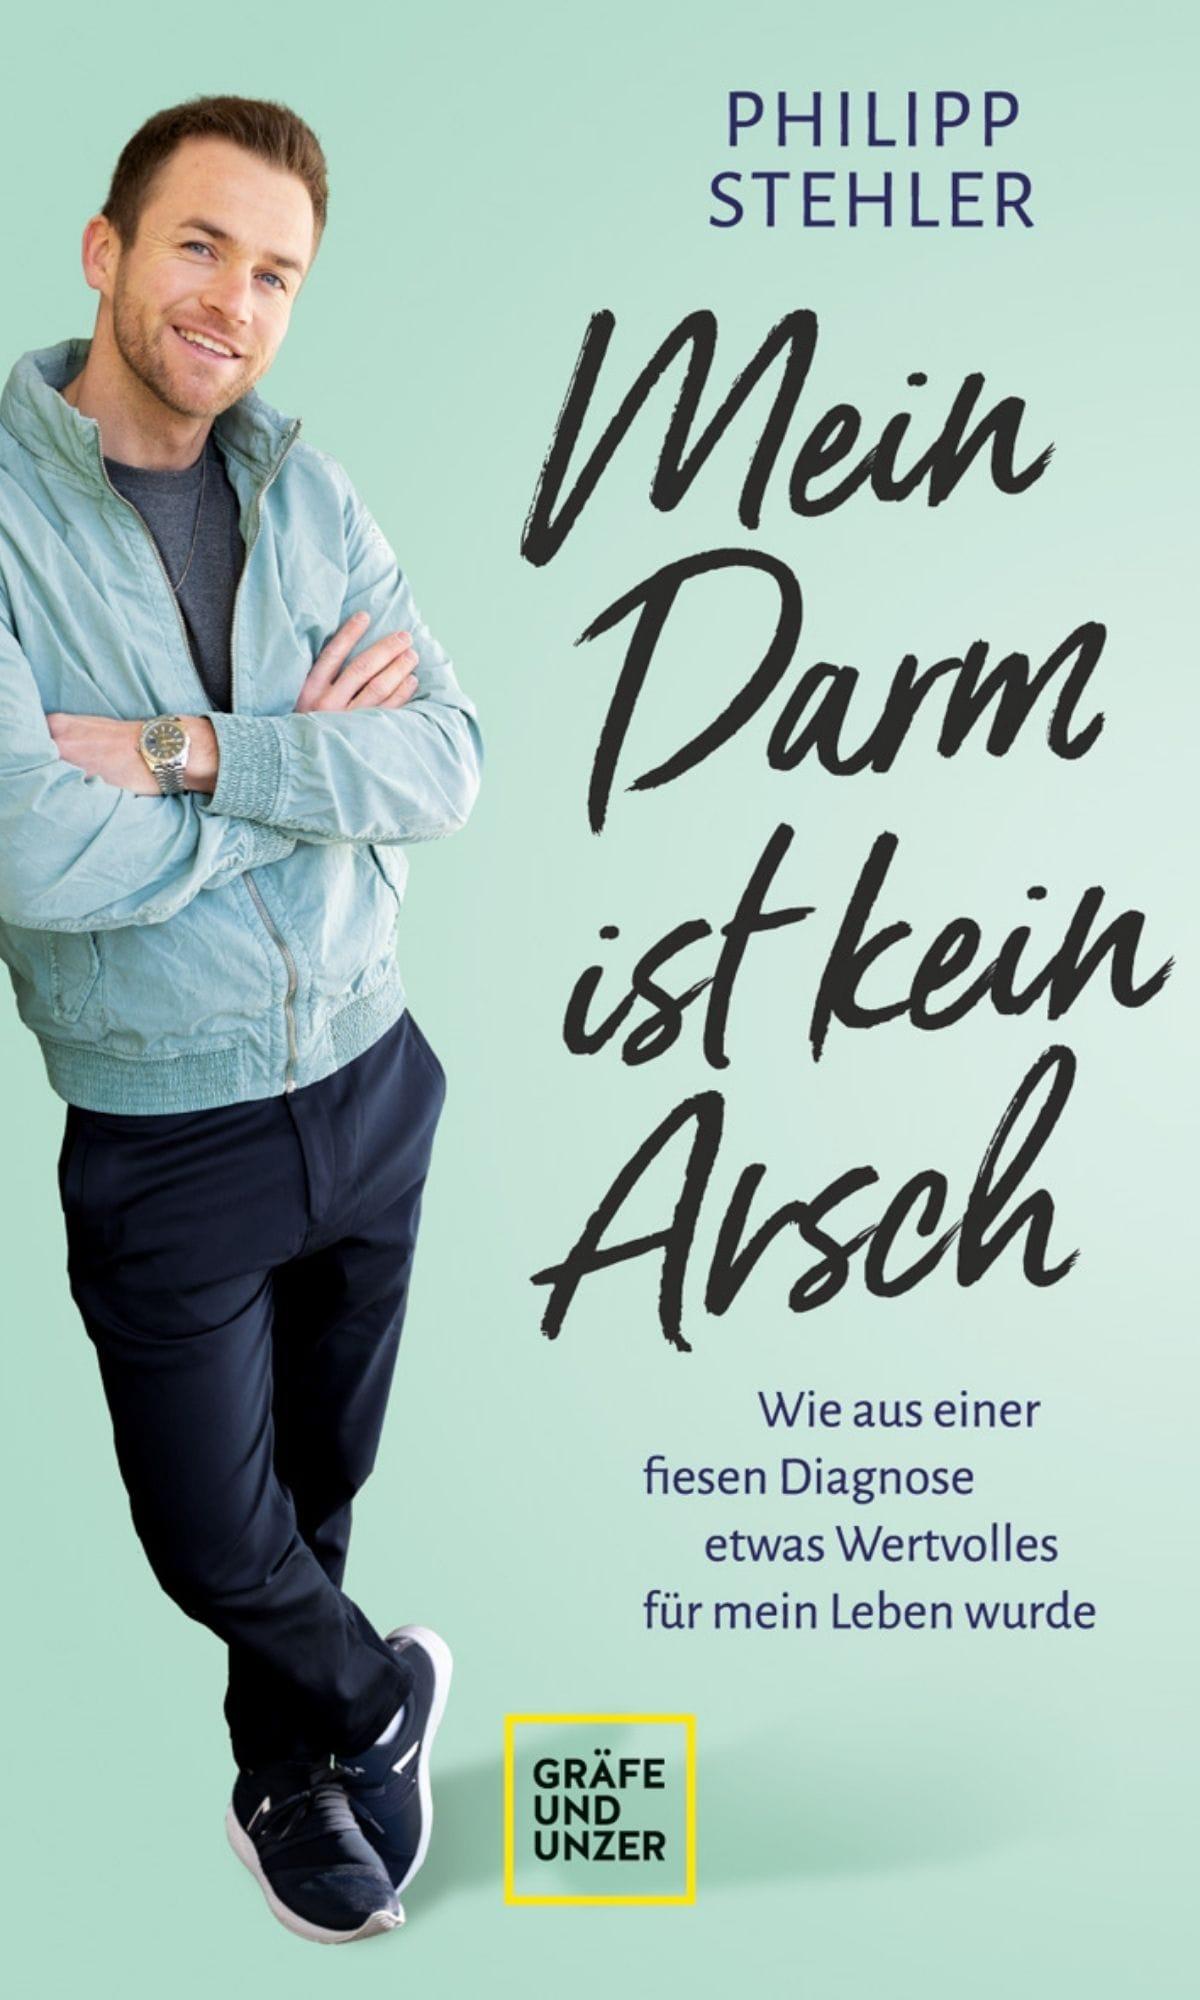 """""""Mein Darm ist kein Arsch"""": Philipp Stehler über seinen Weg zurück"""" class=""""size-full wp-image-991952"""